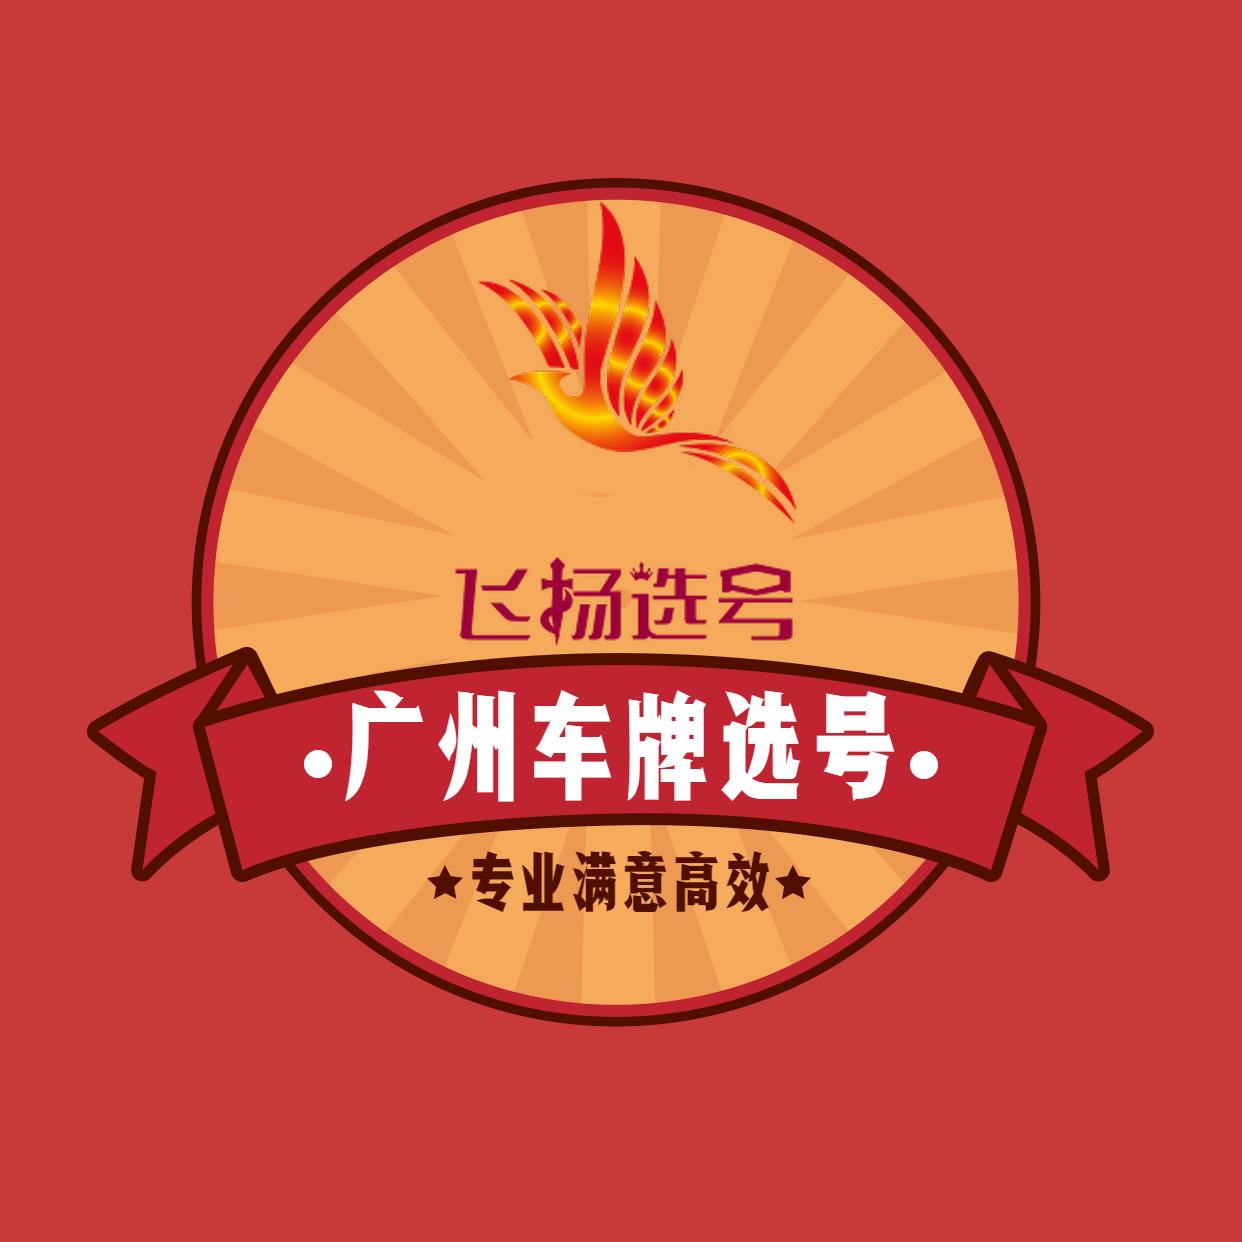 广州新车二手车预选号牌汽车牌照自编自选车牌选号数据库查询占用